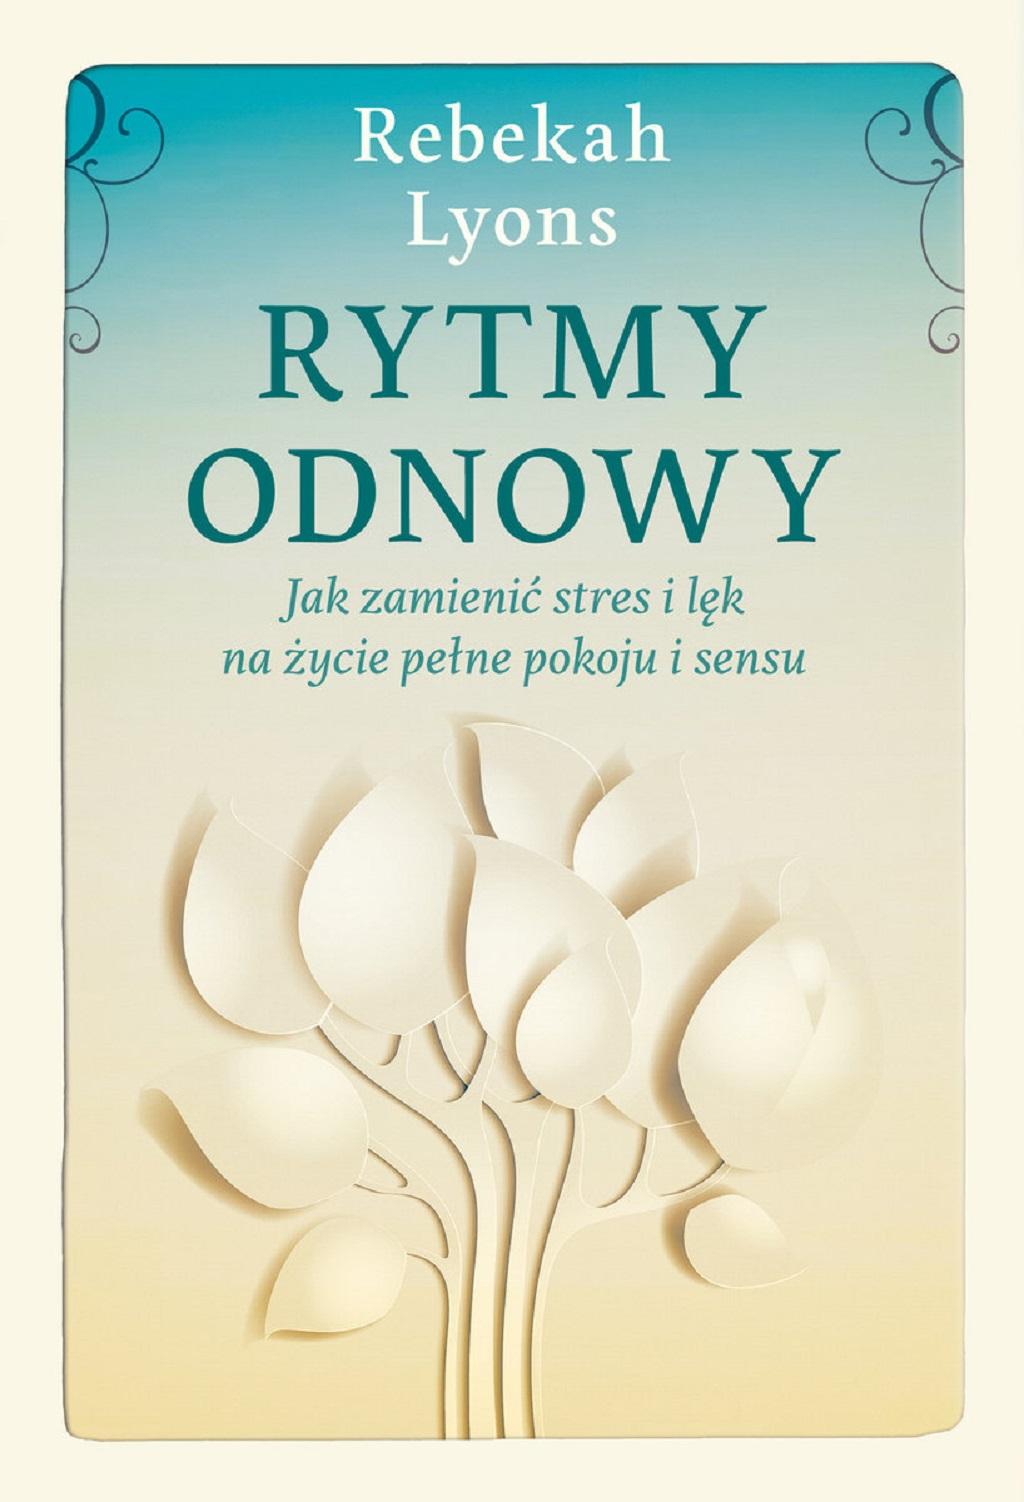 Rebekah Lyons – Rytmy odnowy. Jak zamienić stres i lęk na życie pełne spokoju i sensu